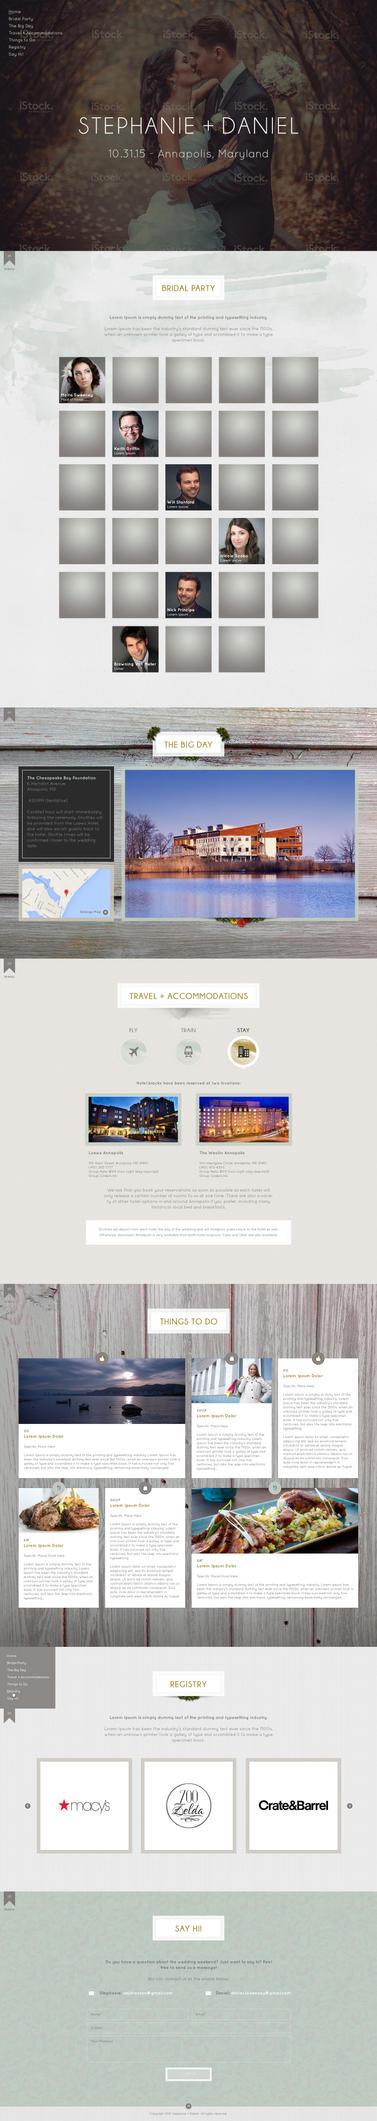 Web Page Design for a Wedding RSVP by bojok-mlsjr